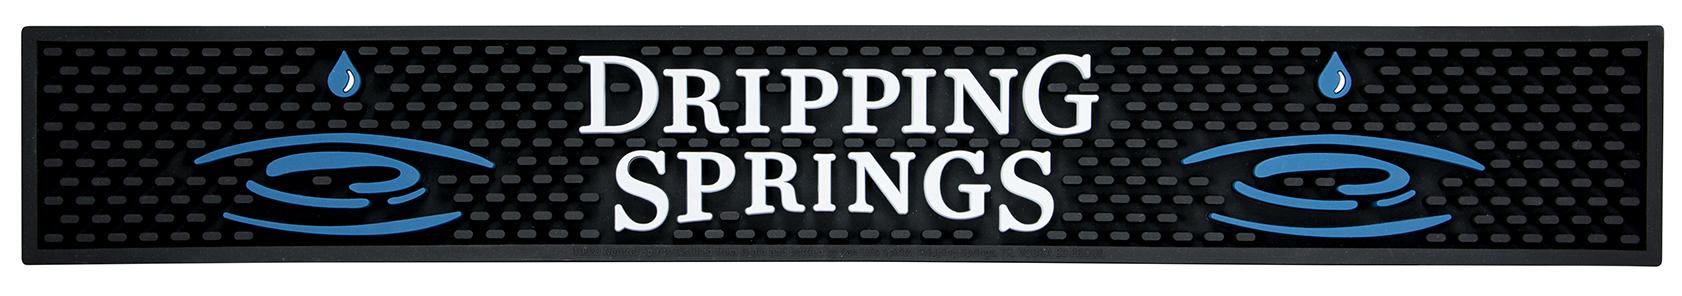 Dripping Springs bar rail mat.jpg